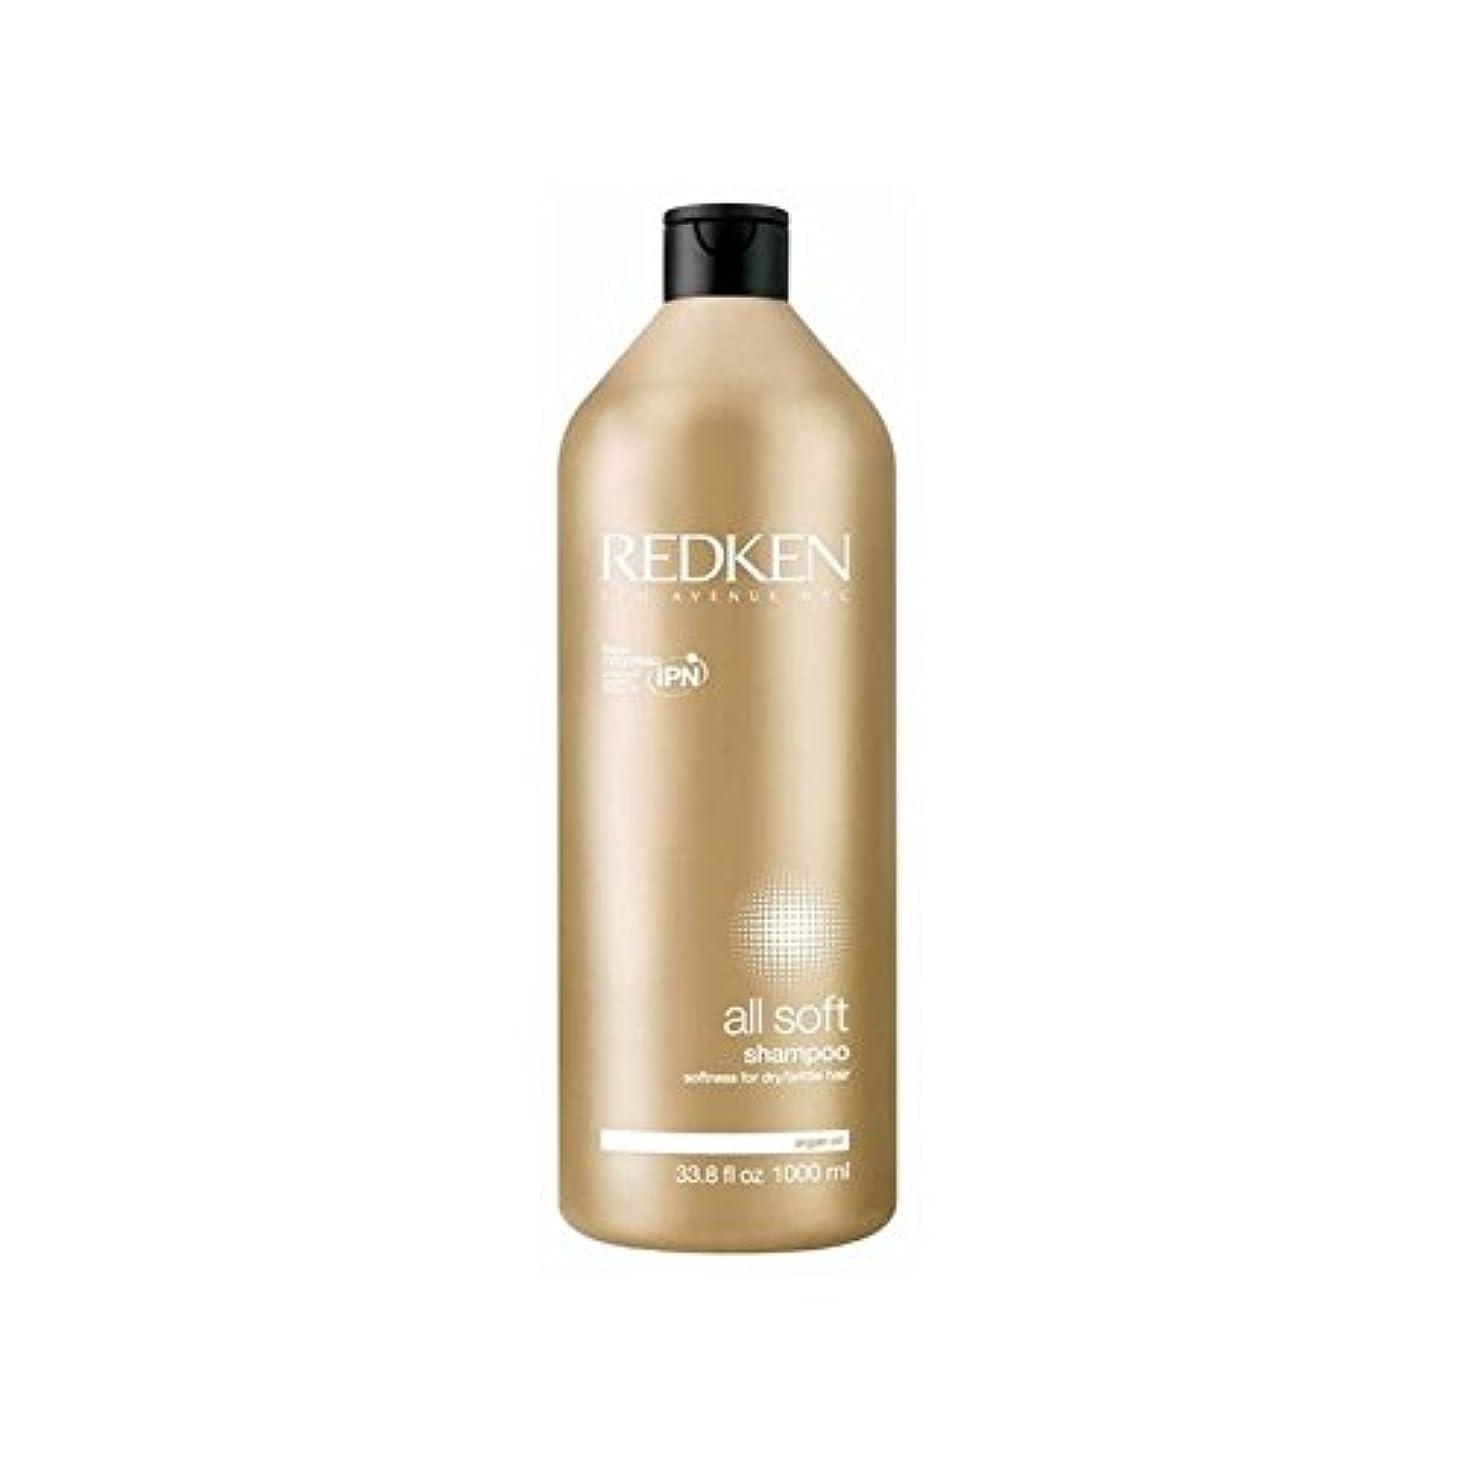 とミネラル土すべてのソフトシャンプー千ミリリットルをレッドケン x2 - Redken All Soft Shampoo 1000ml (Pack of 2) [並行輸入品]